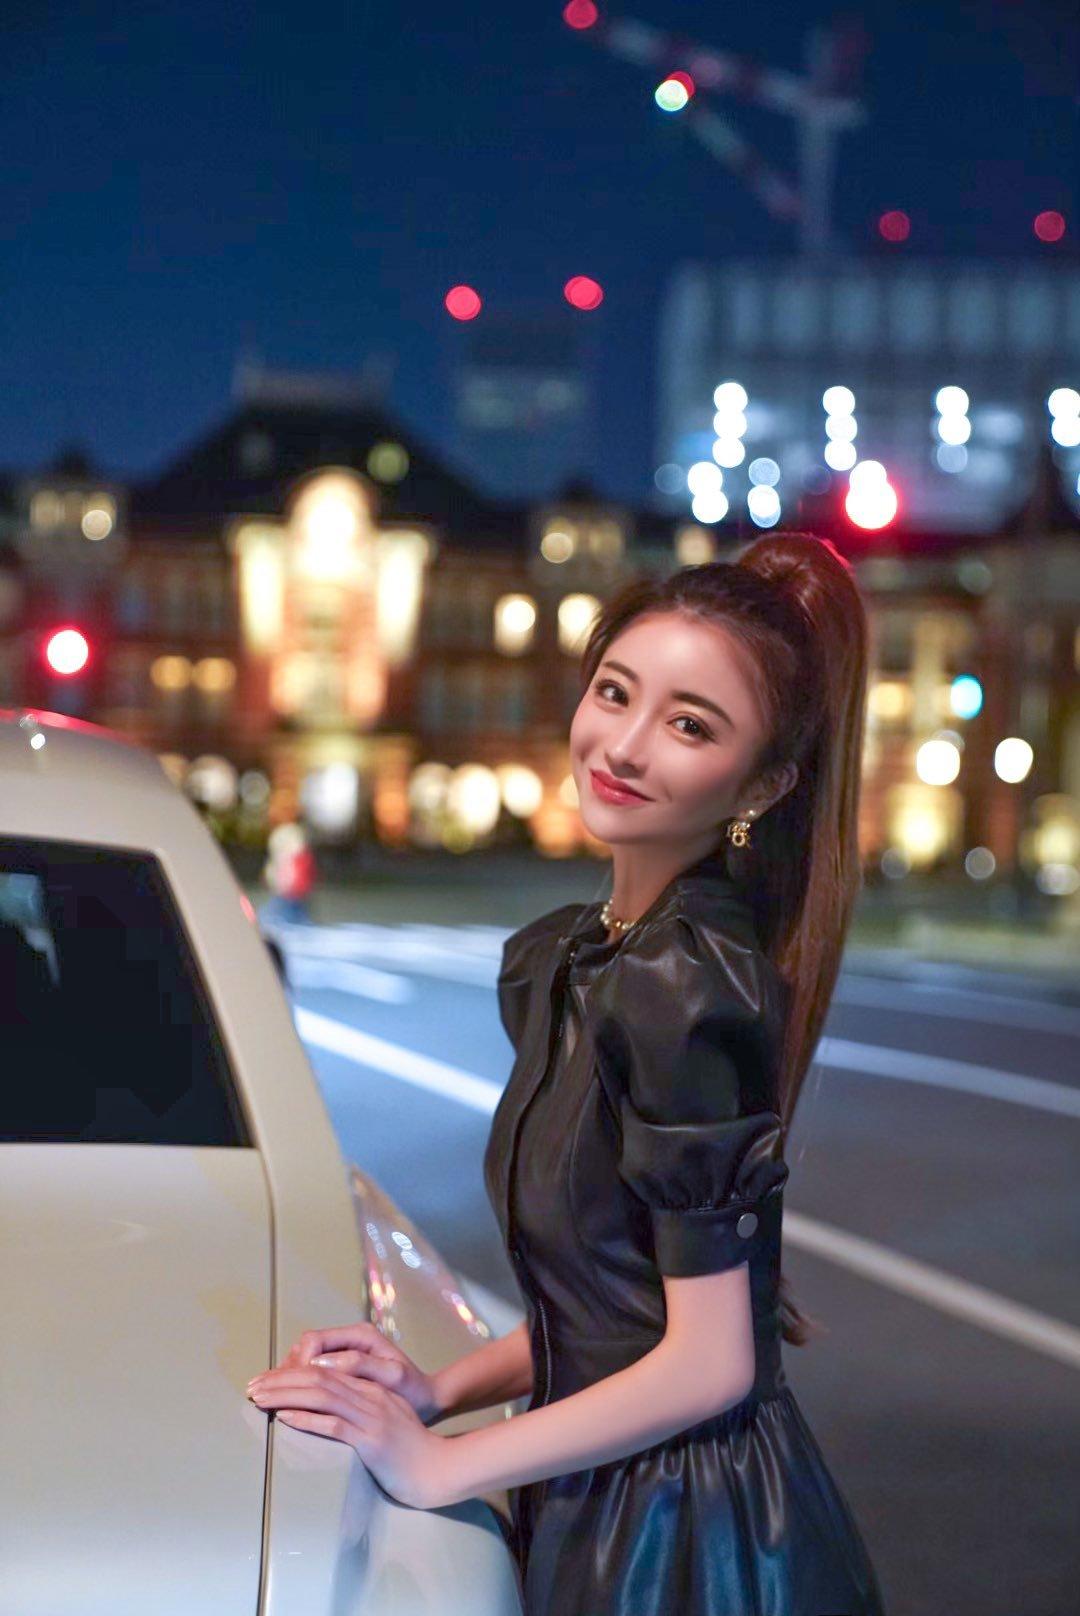 年收2亿!《爱泽绘美里》日本第一女公关「滴酒不沾」称霸歌舞伎町!插图(3)